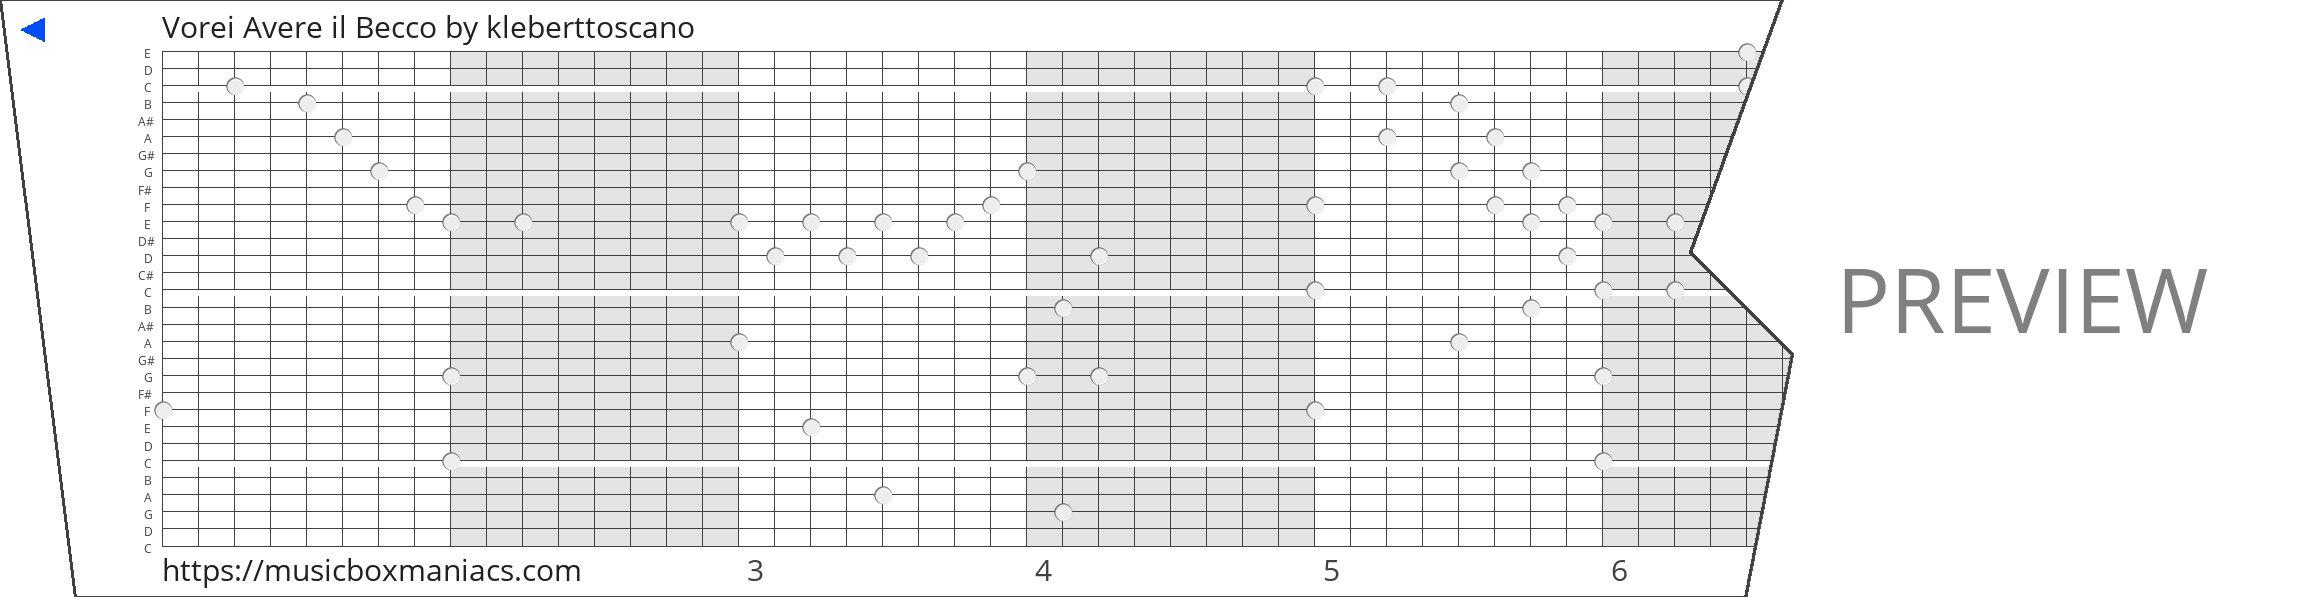 Vorei Avere il Becco 30 note music box paper strip